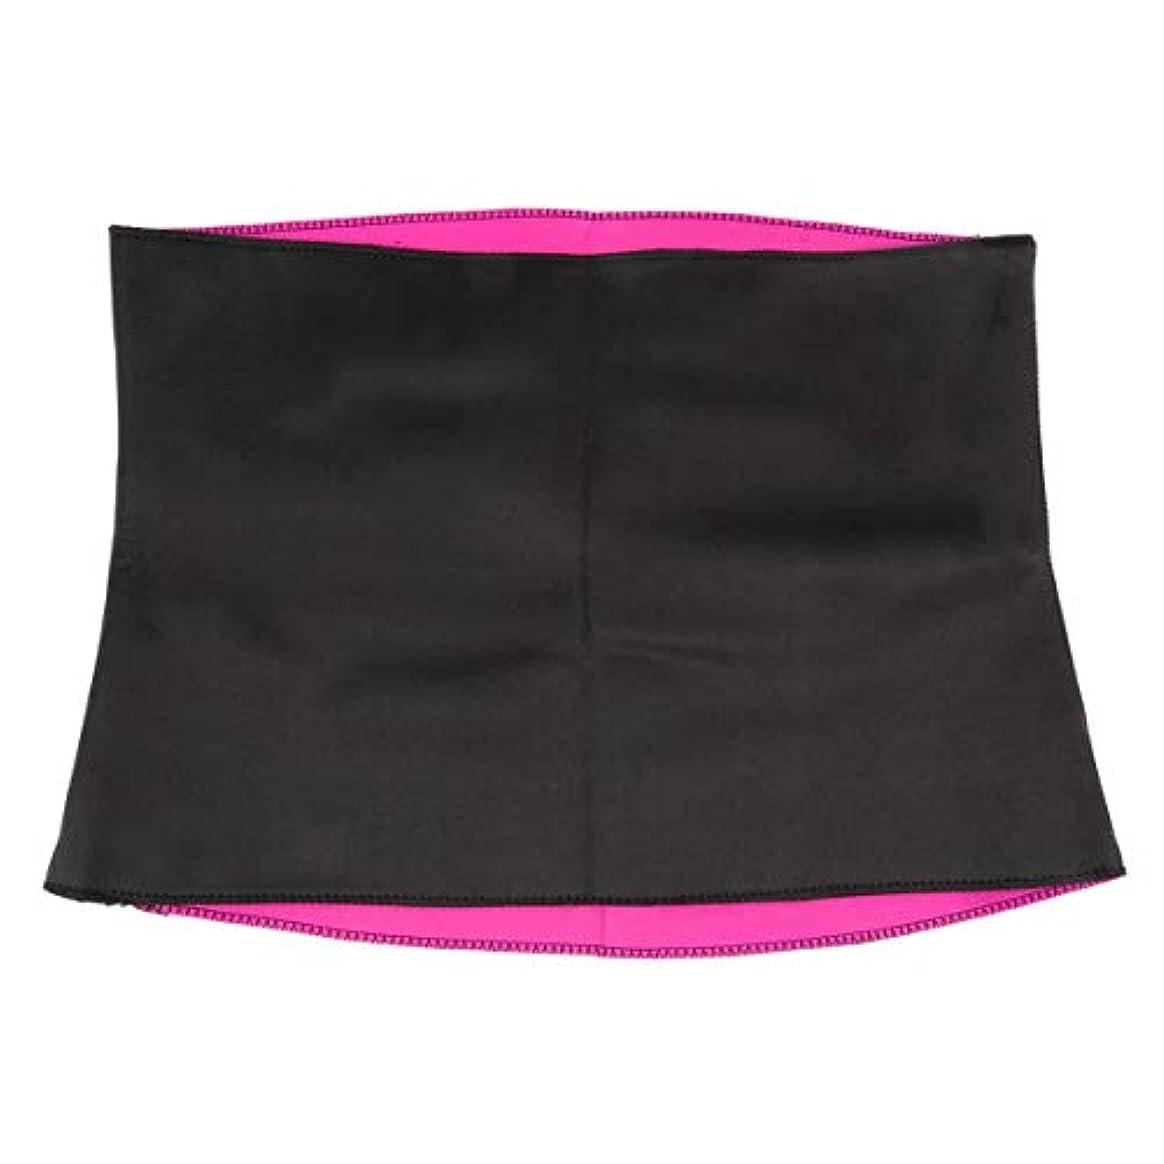 立ち寄るバーマド閉塞女性成人用固体ネオプレン健康痩身減量ウエストベルトボディシェイパー痩身トレーナートリマーコルセット - 赤&黒